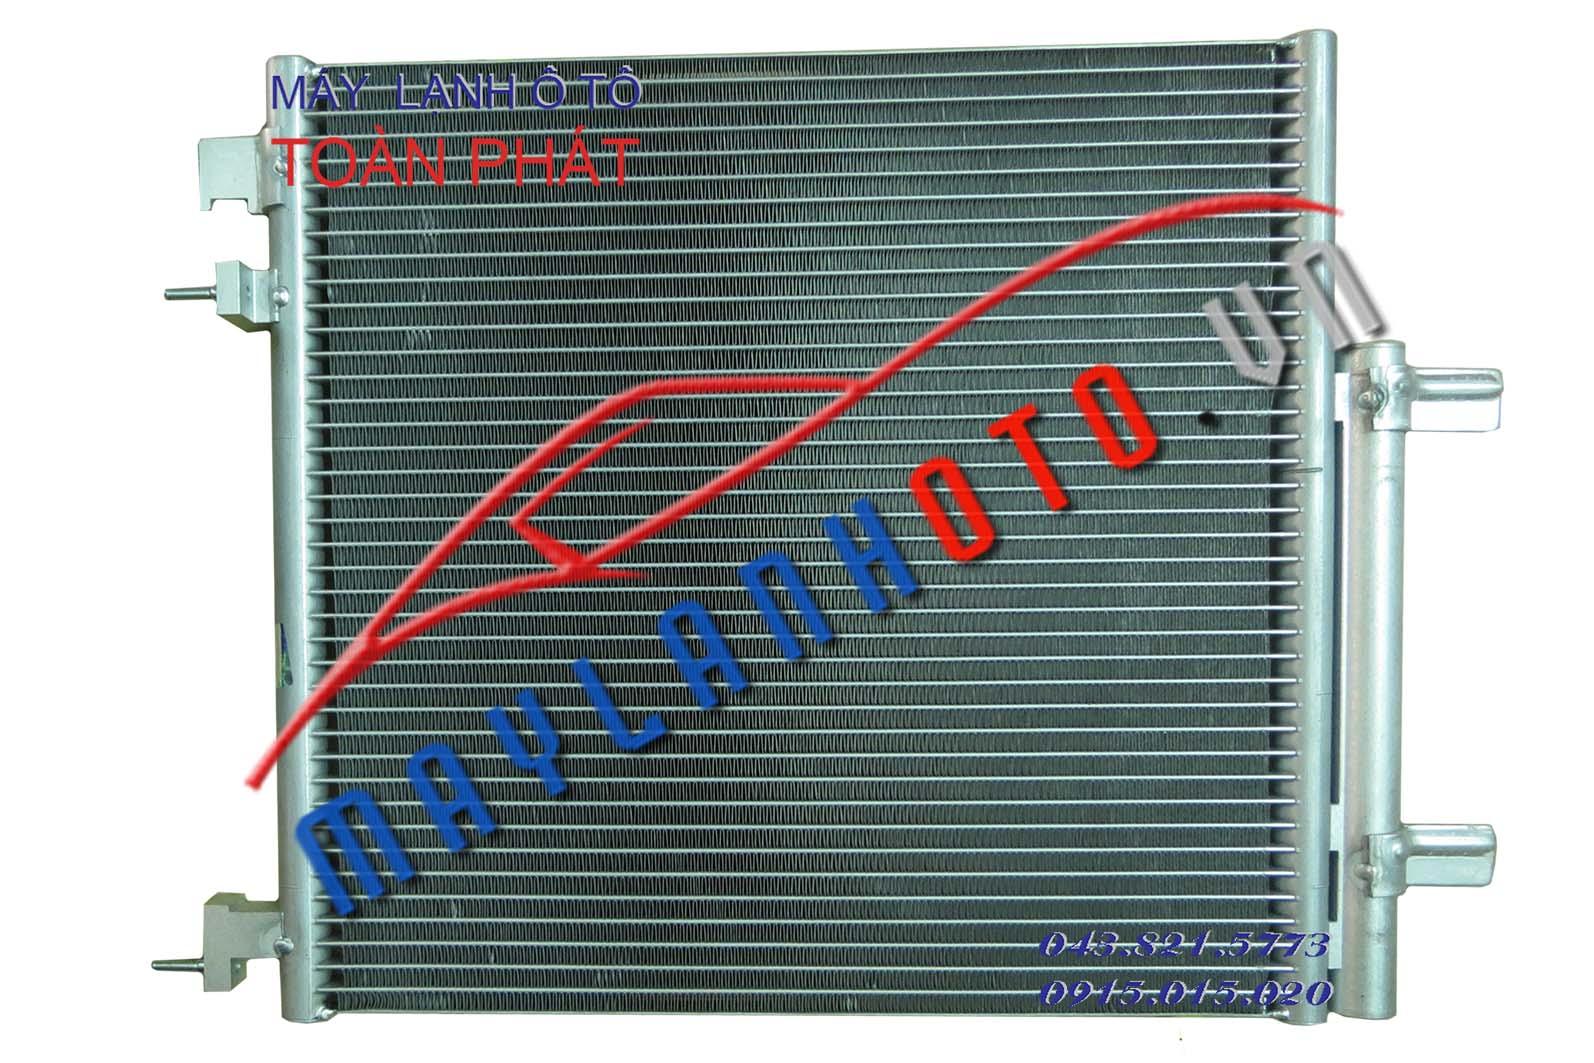 Matiz IV - Spark 2012 / Giàn nóng điều hòa Daewoo Spark 2012 / Dàn nóng điều hòa Daewoo Spark 2012